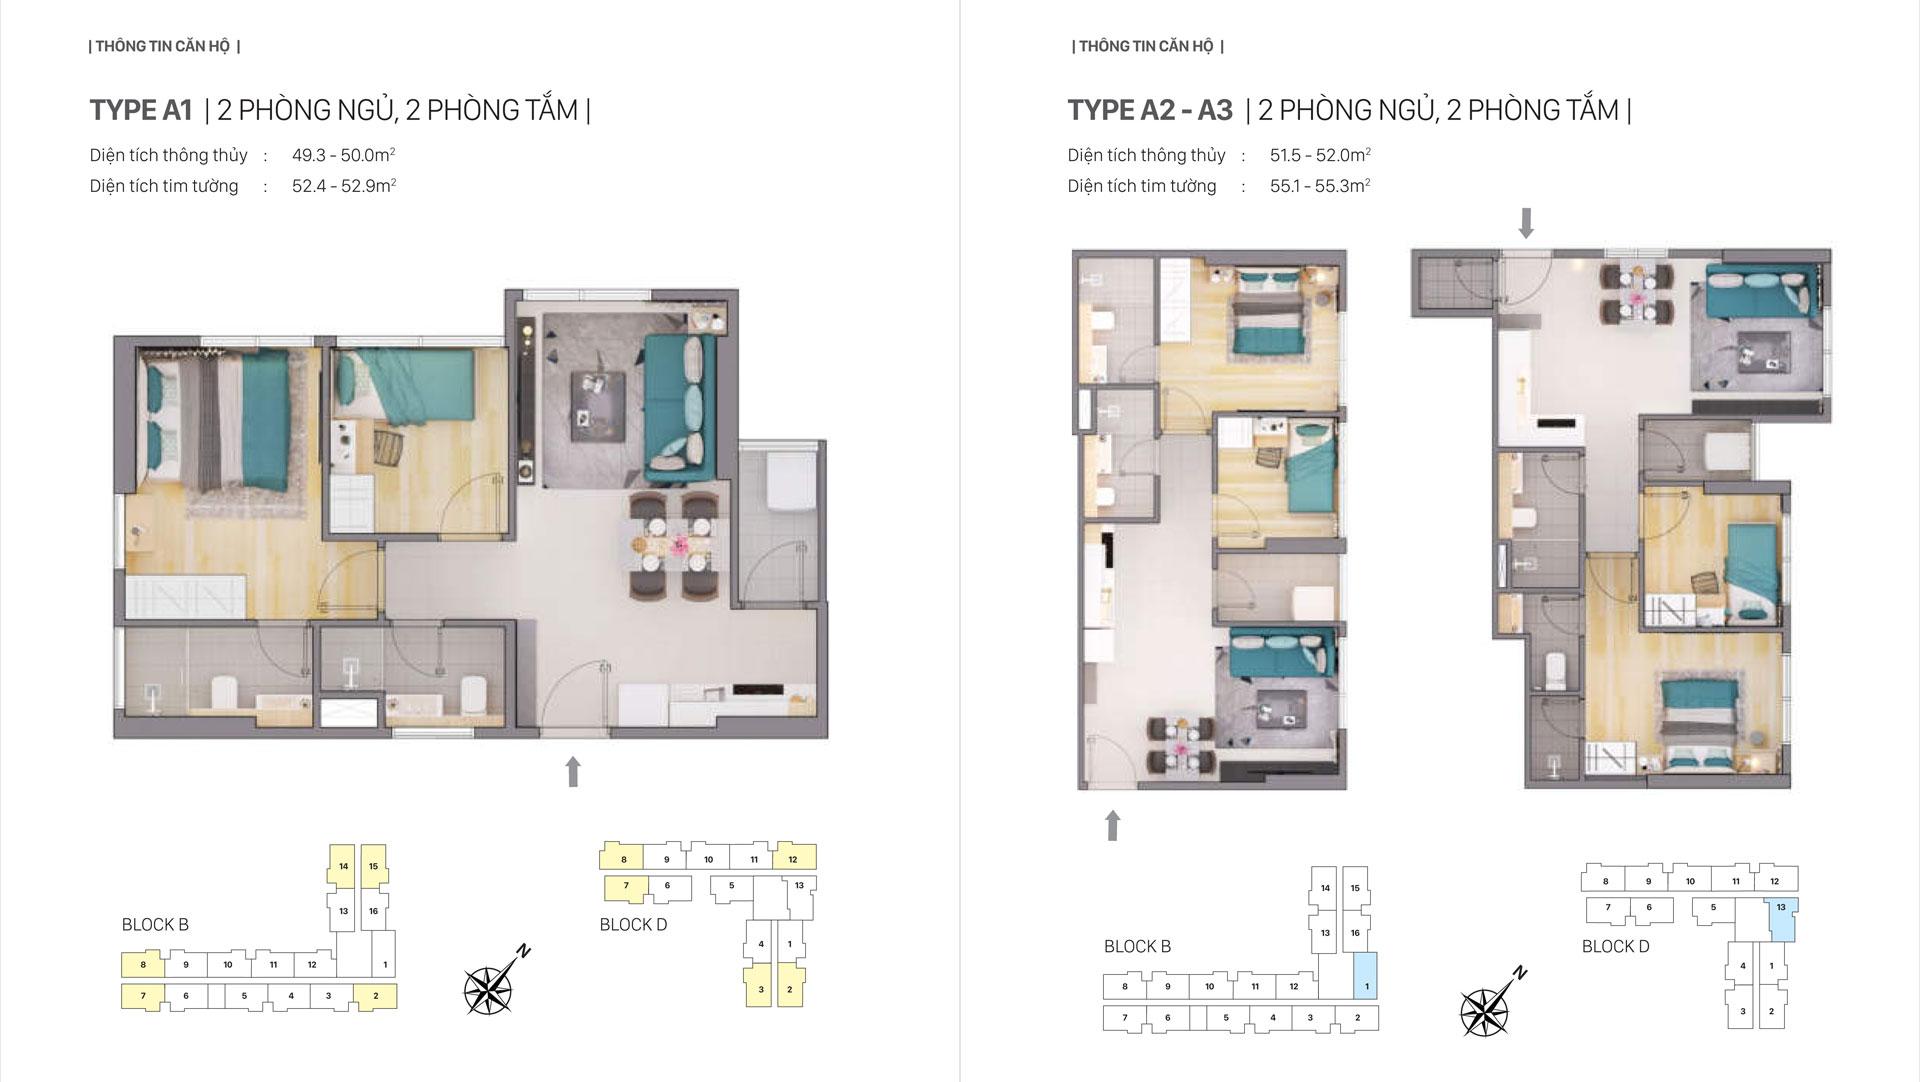 Thiết kế căn hộ a1 a2 a3 Citi Grand Quận 2